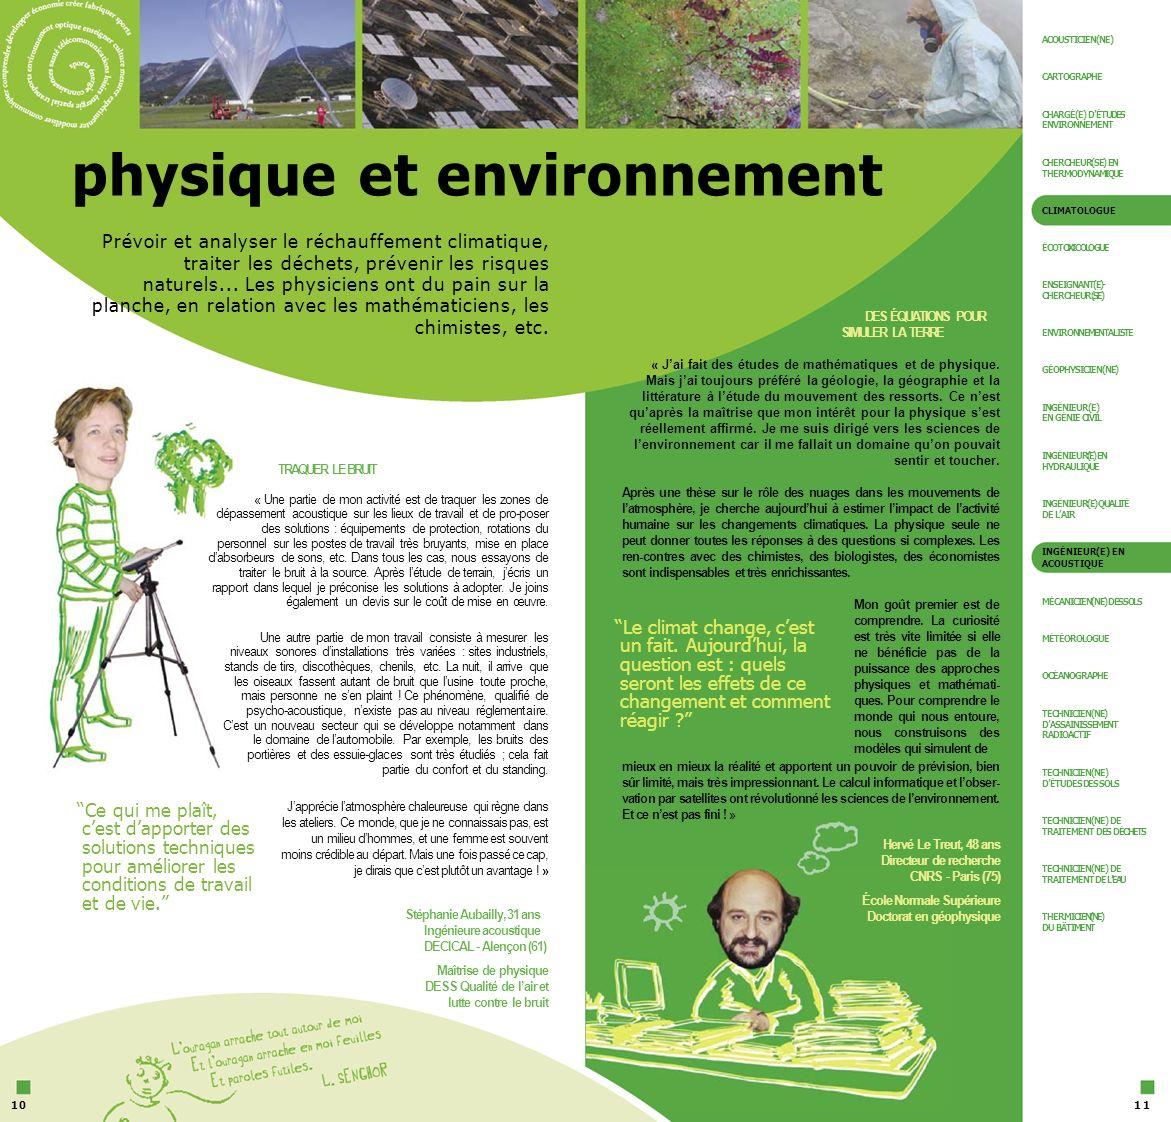 ACOUSTICIEN(NE) CARTOGRAPHE CHARGÉ(E) DÉTUDES ENVIRONNEMENT physique et environnement CHERCHEUR(SE) EN THERMODYNAMIQUE CLIMATOLOGUE Prévoir et analyse